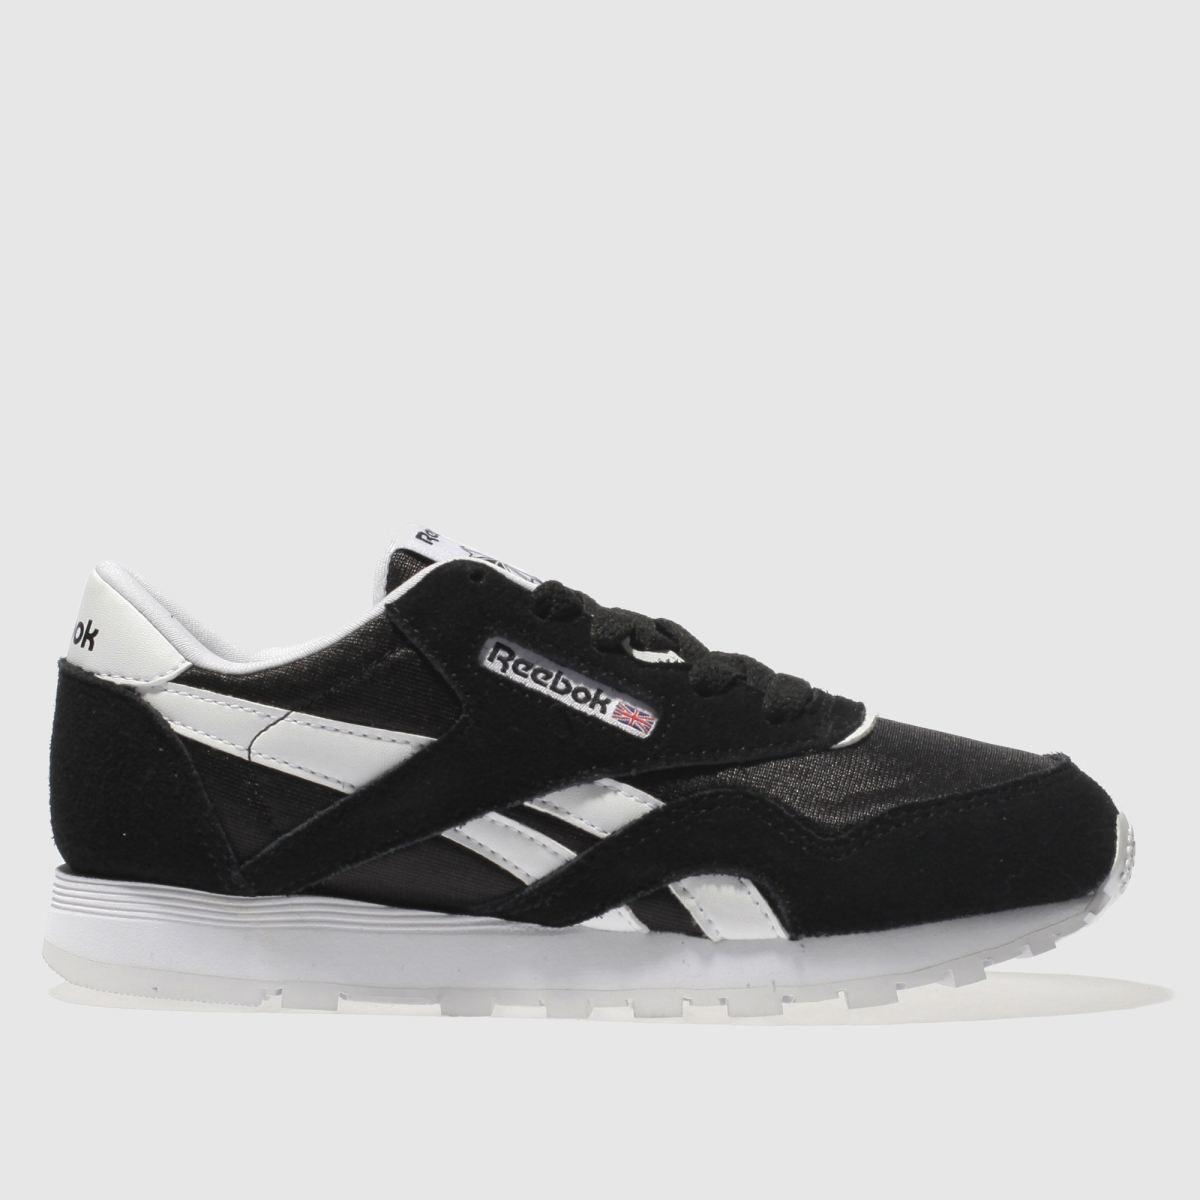 713ffb3b2b1 reebok black   white classic nylon trainers junior